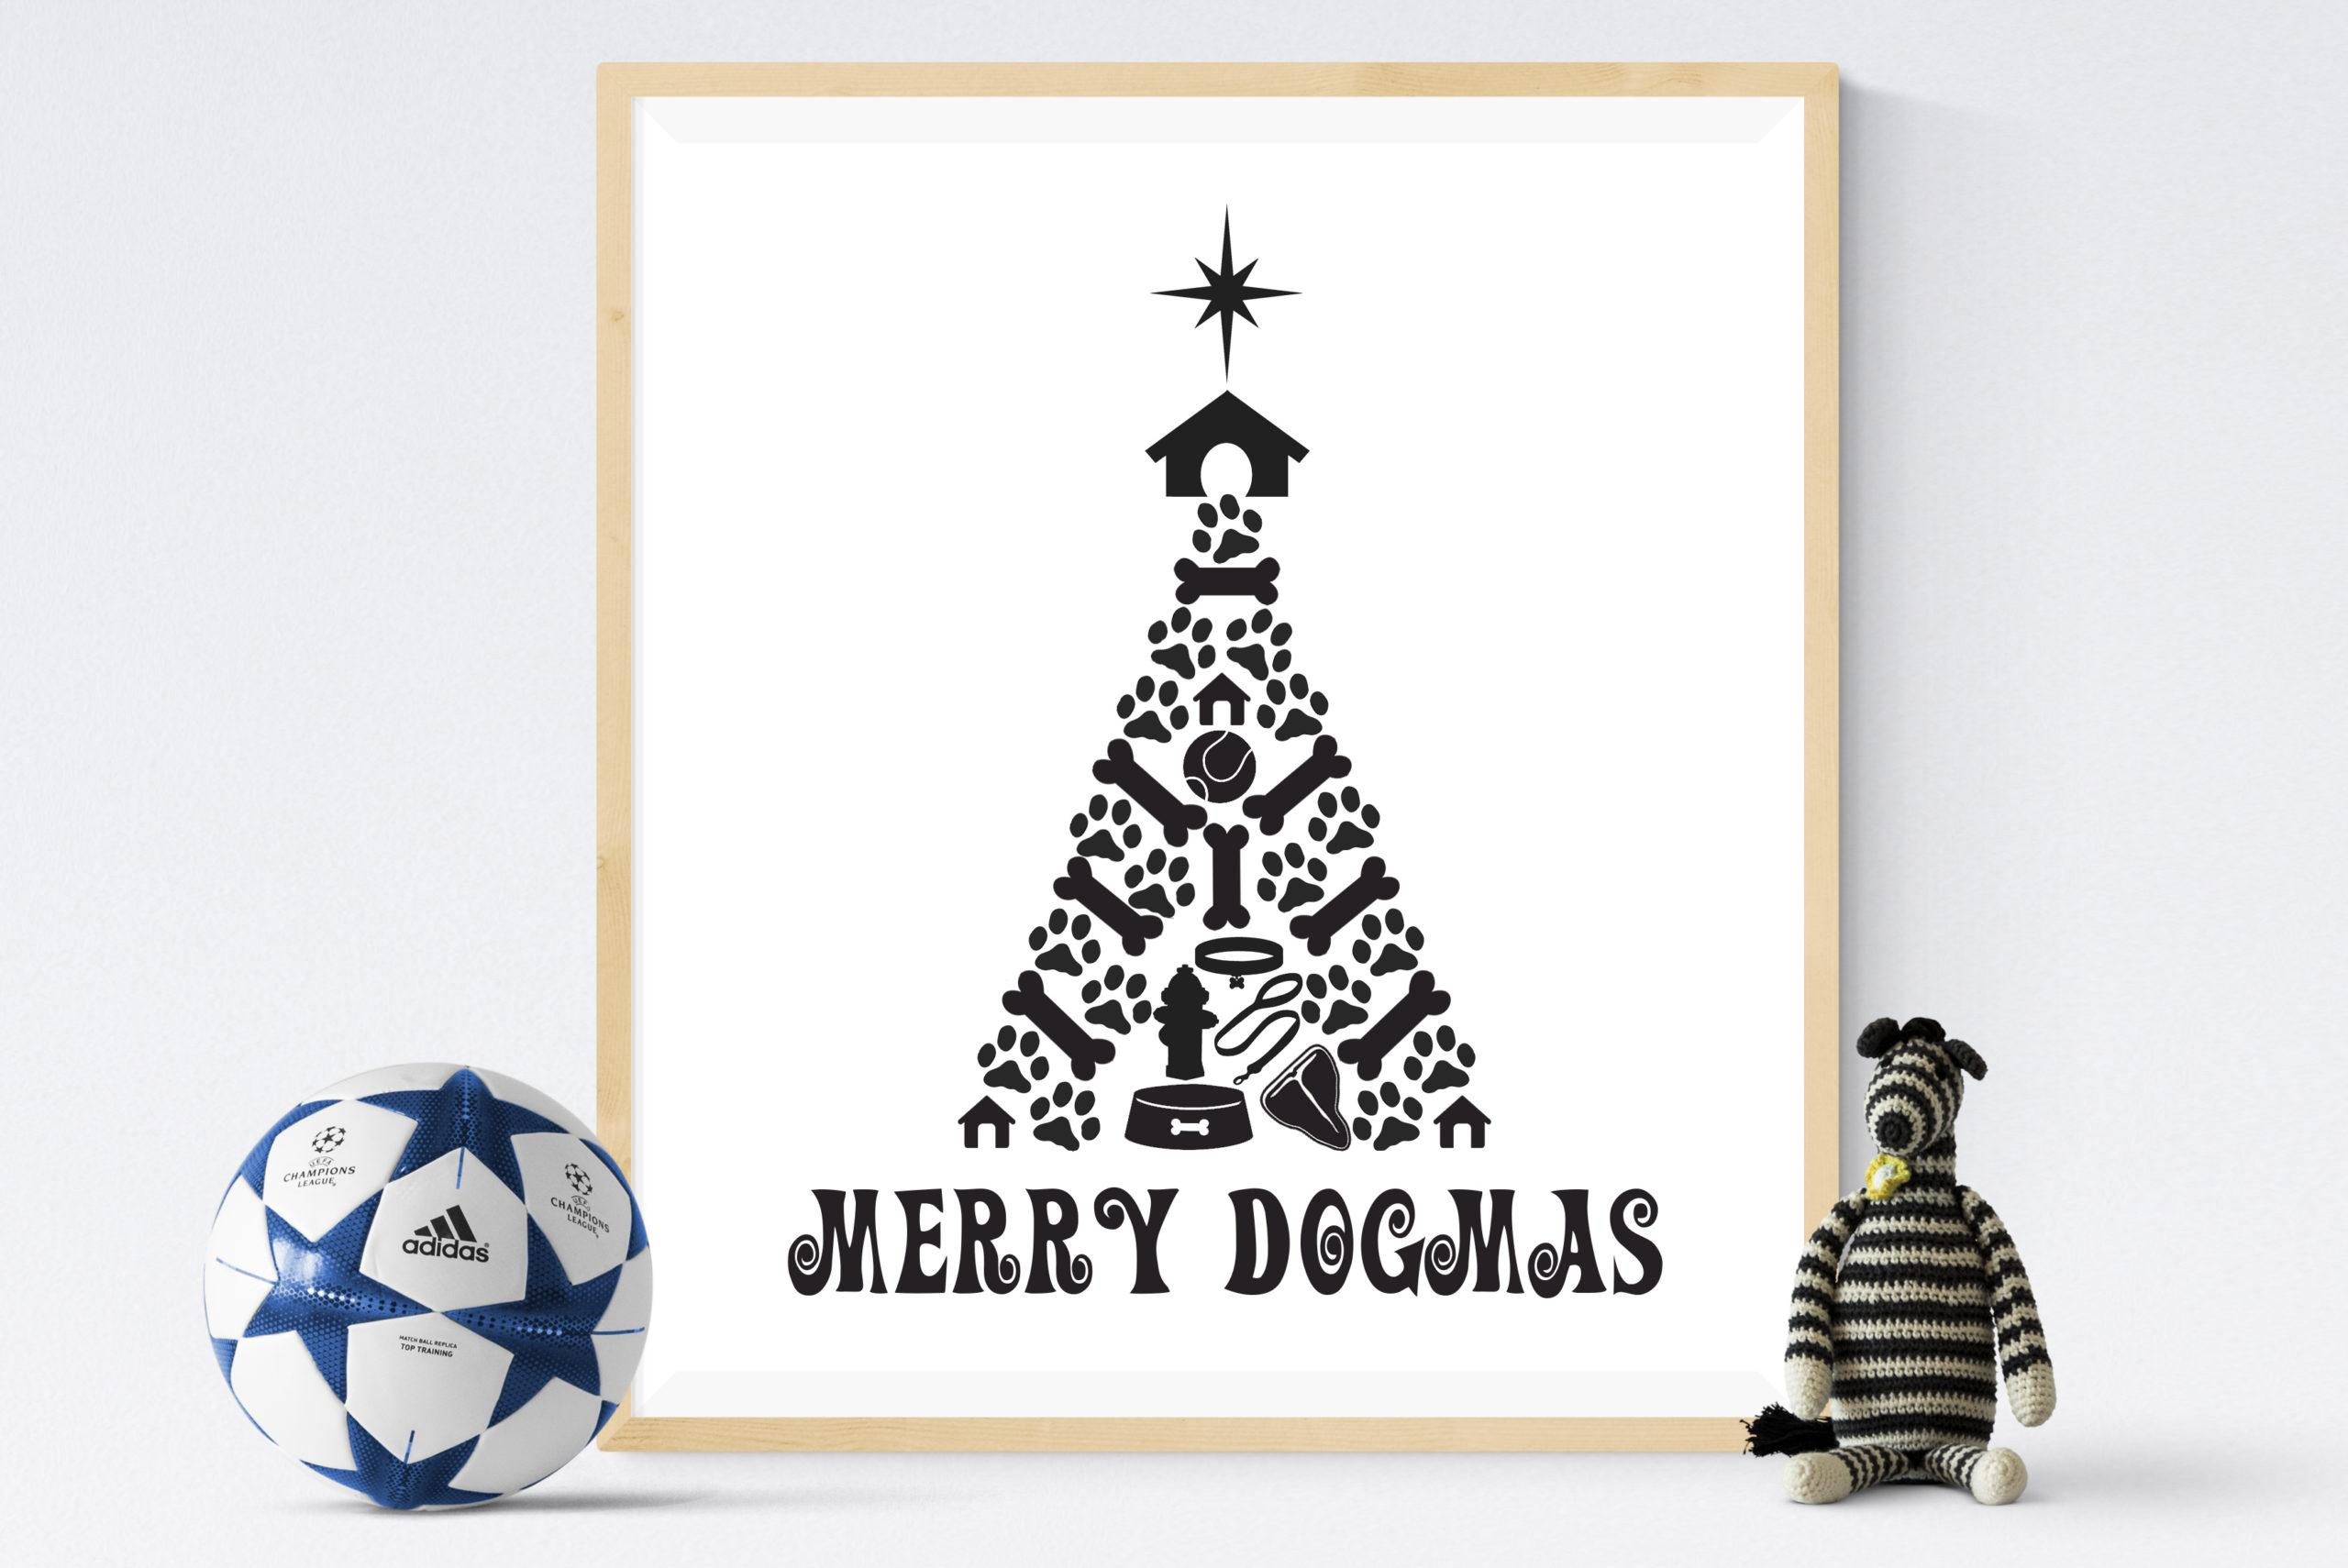 Free Merry Dogmas SVG File